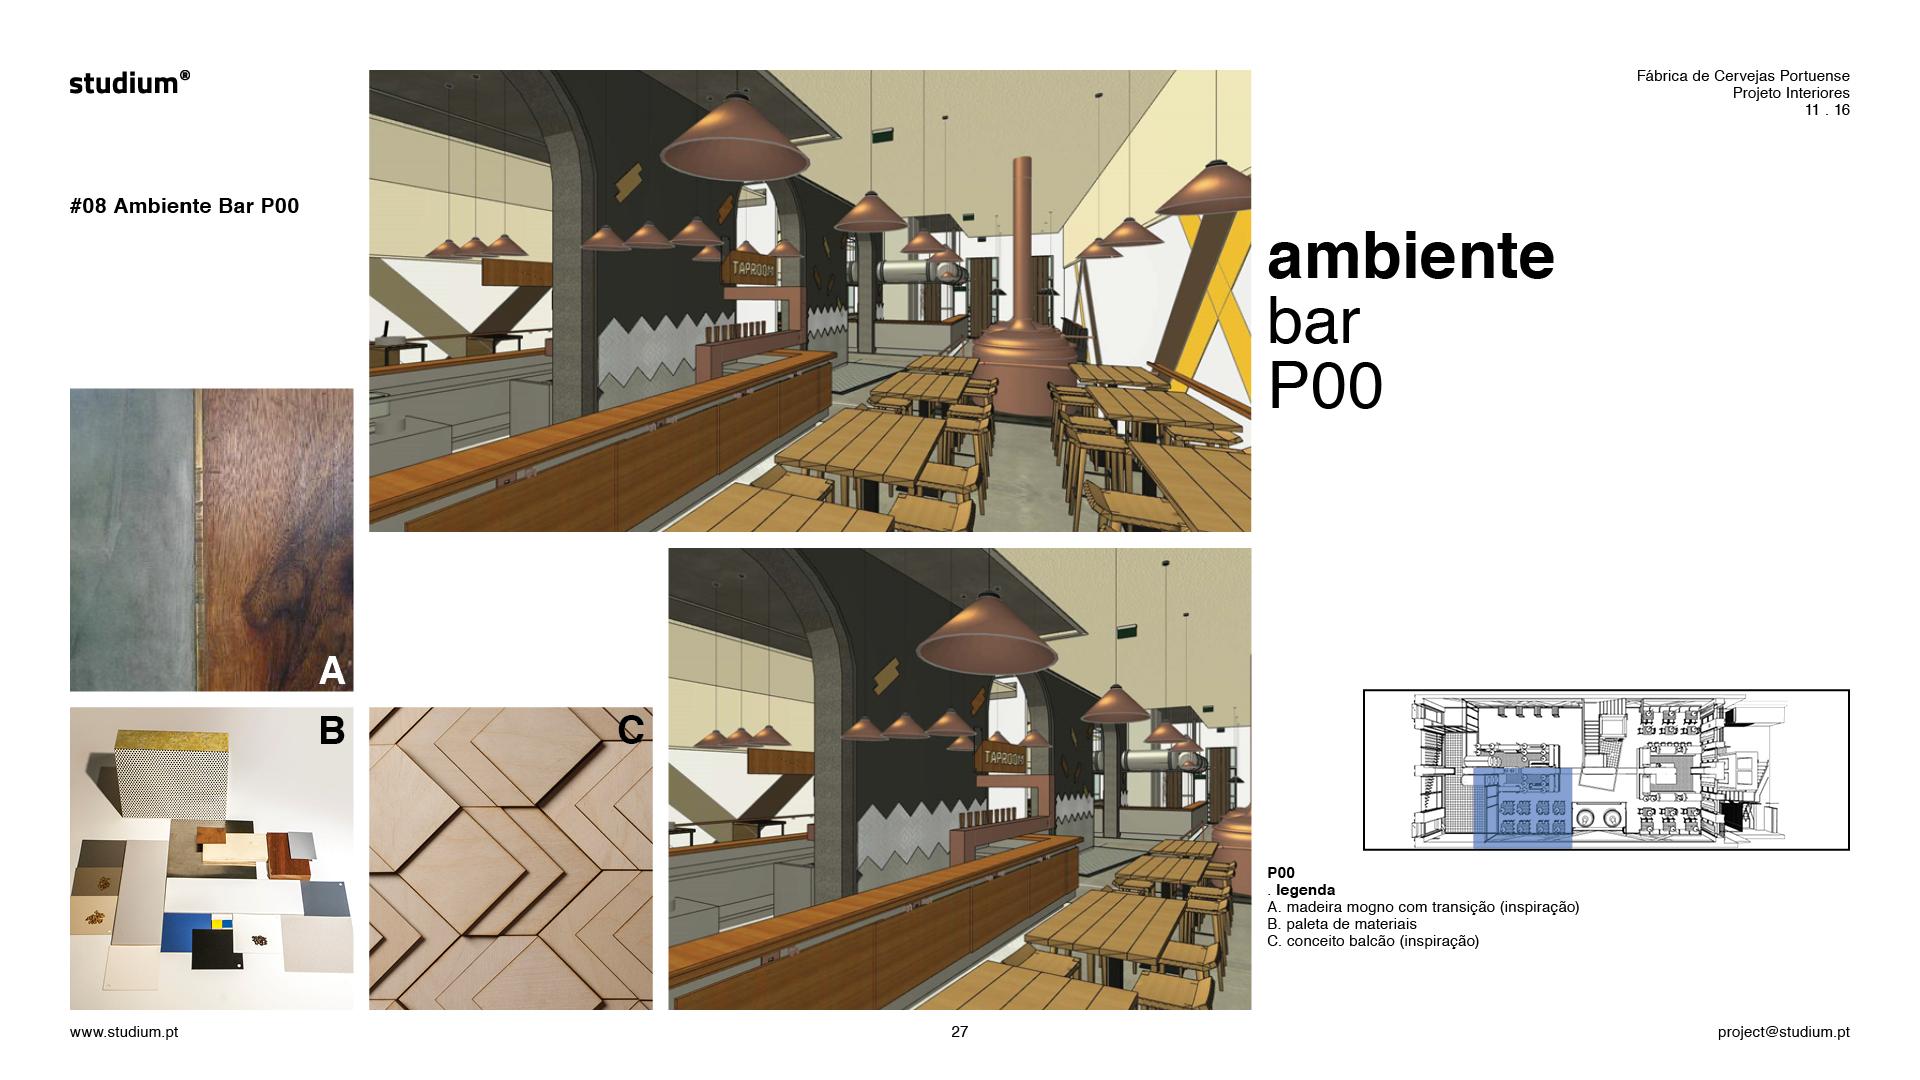 DSN20160033-FCPortuense-Sinaletica-Presentation-T27